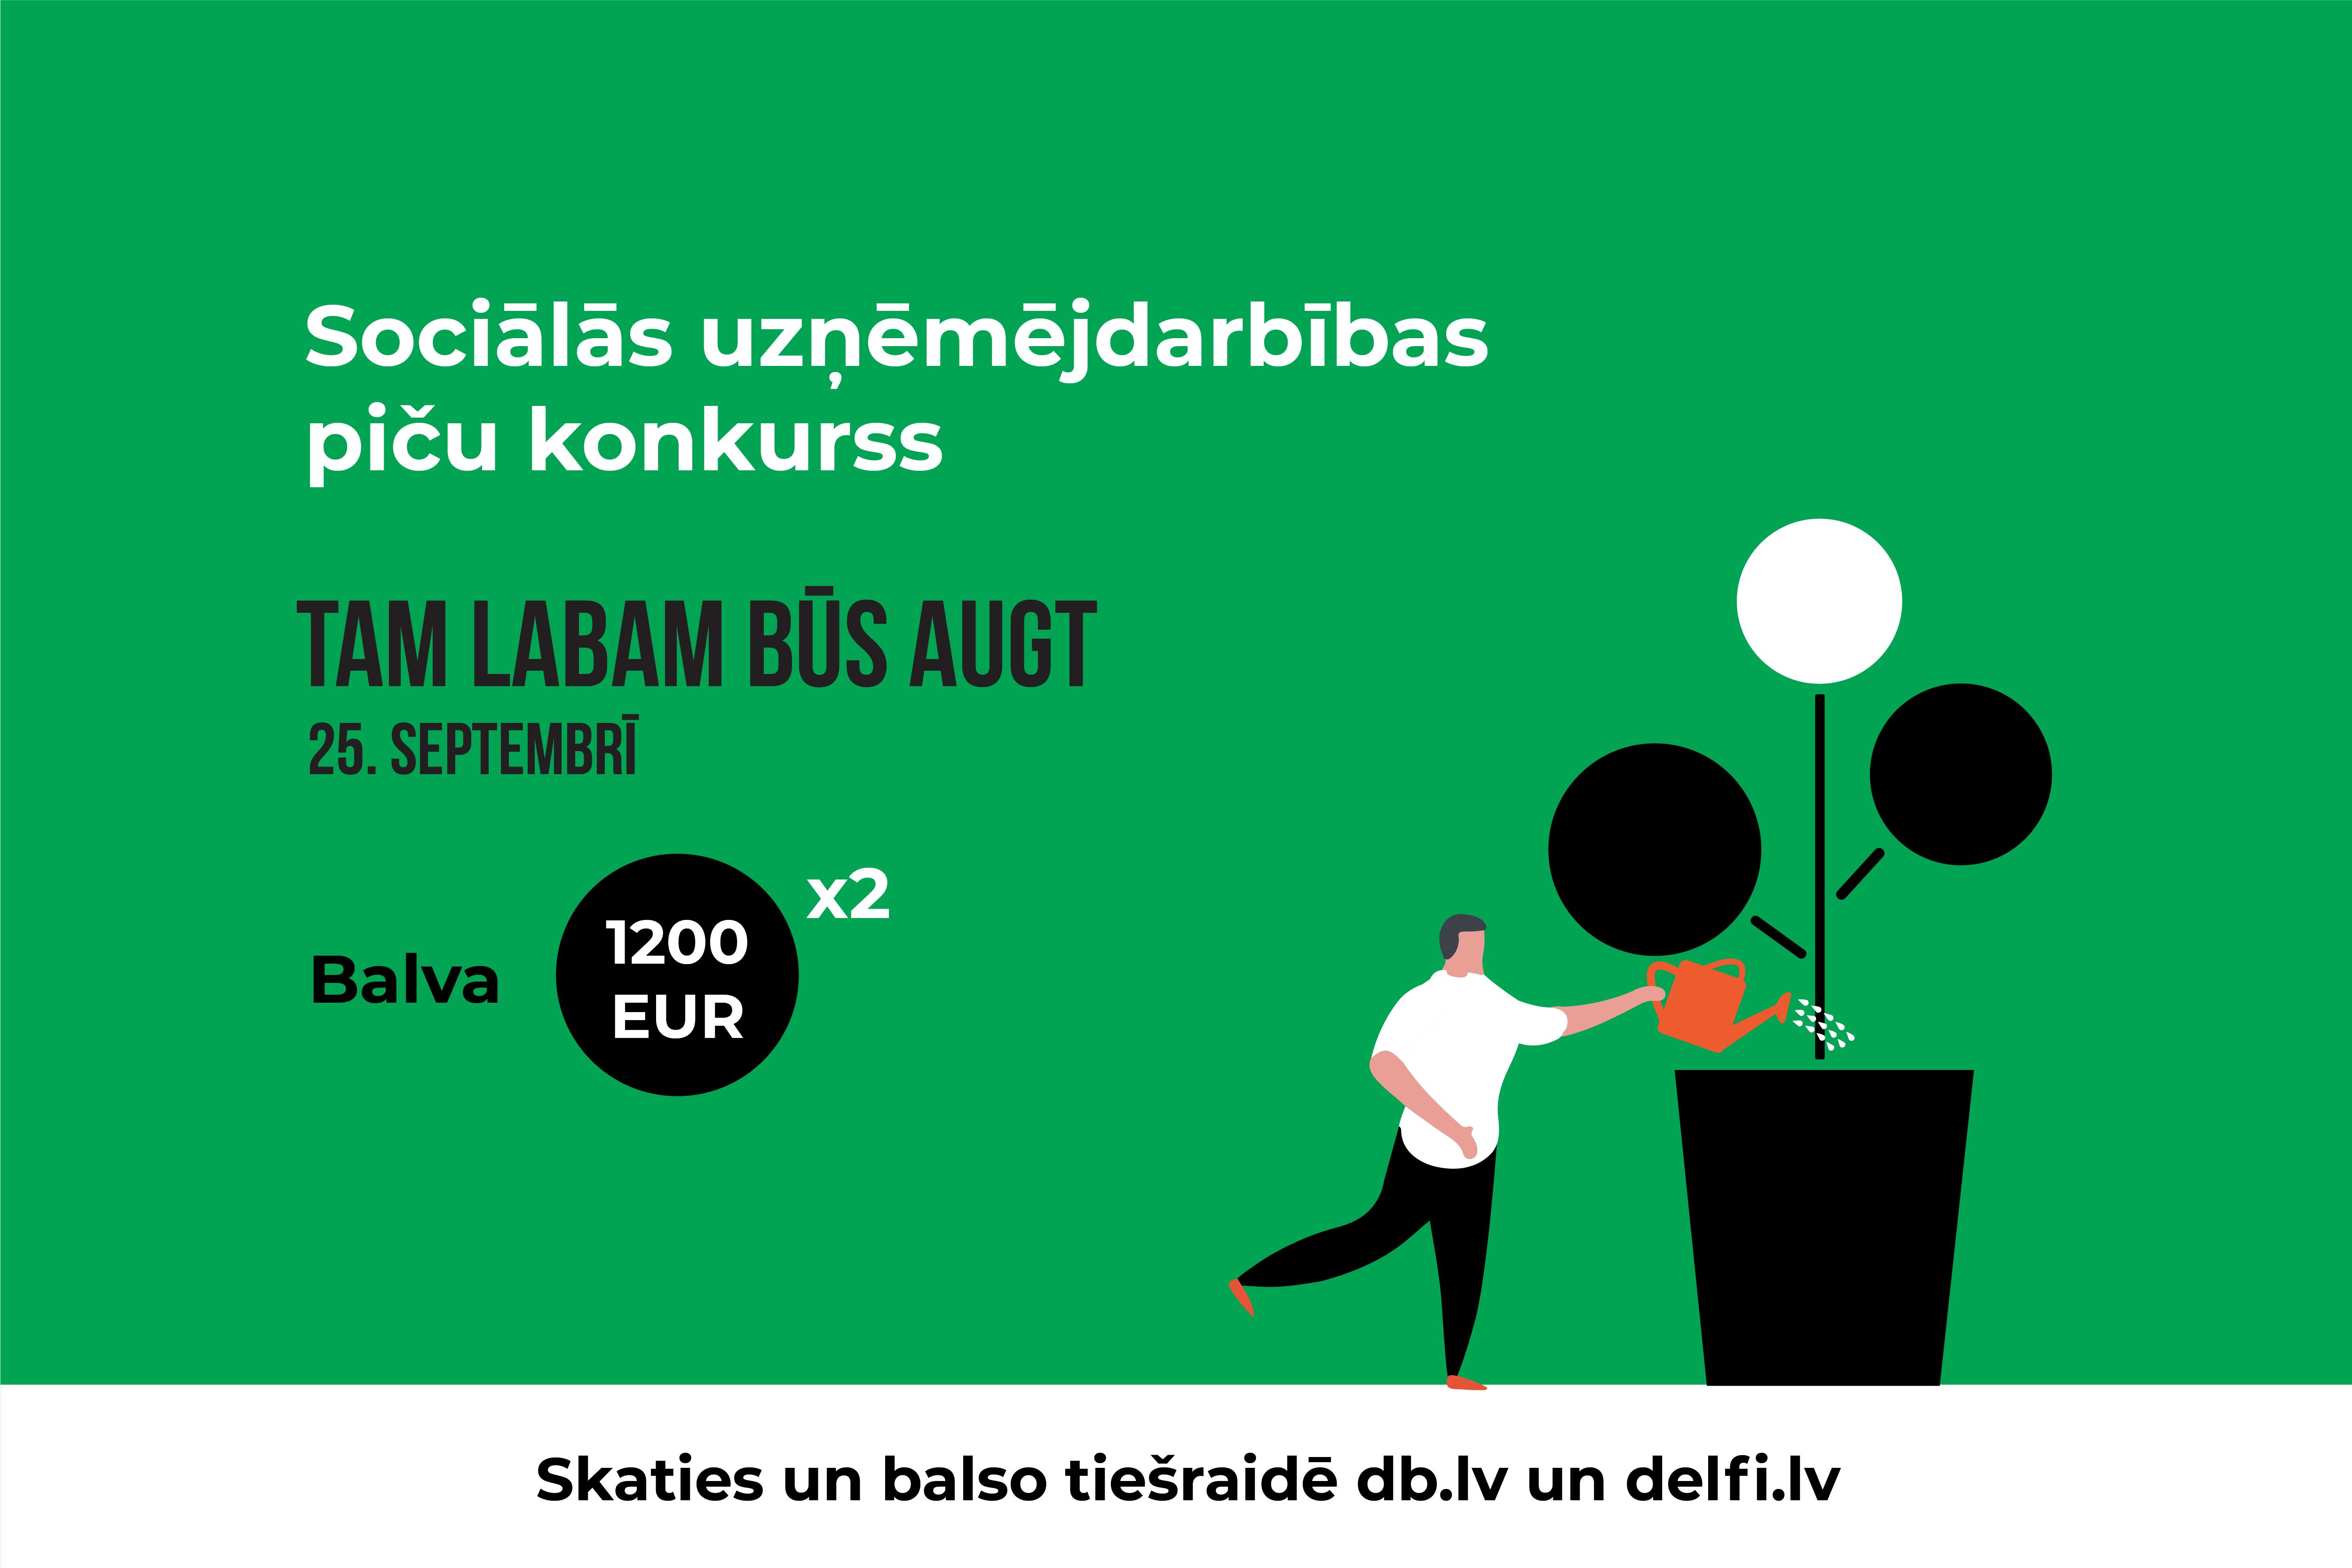 Aicina pieteikties sociālās uzņēmējdarbības ideju un projektu konkursam